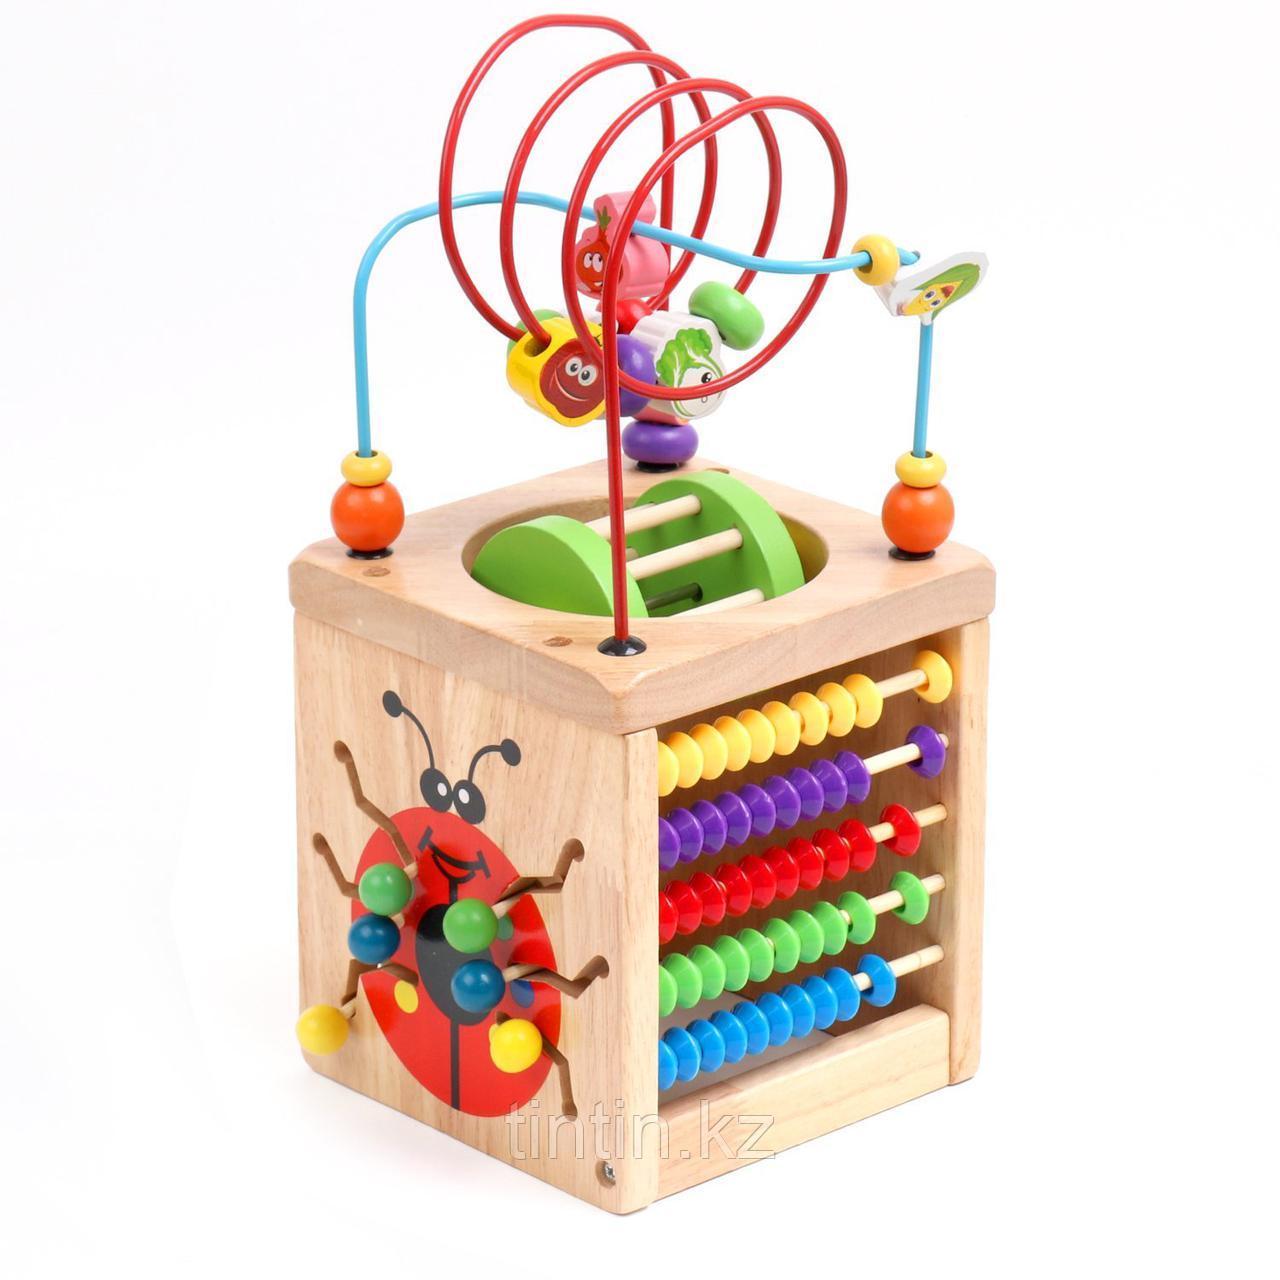 6 в 1 деревянный развивающий куб